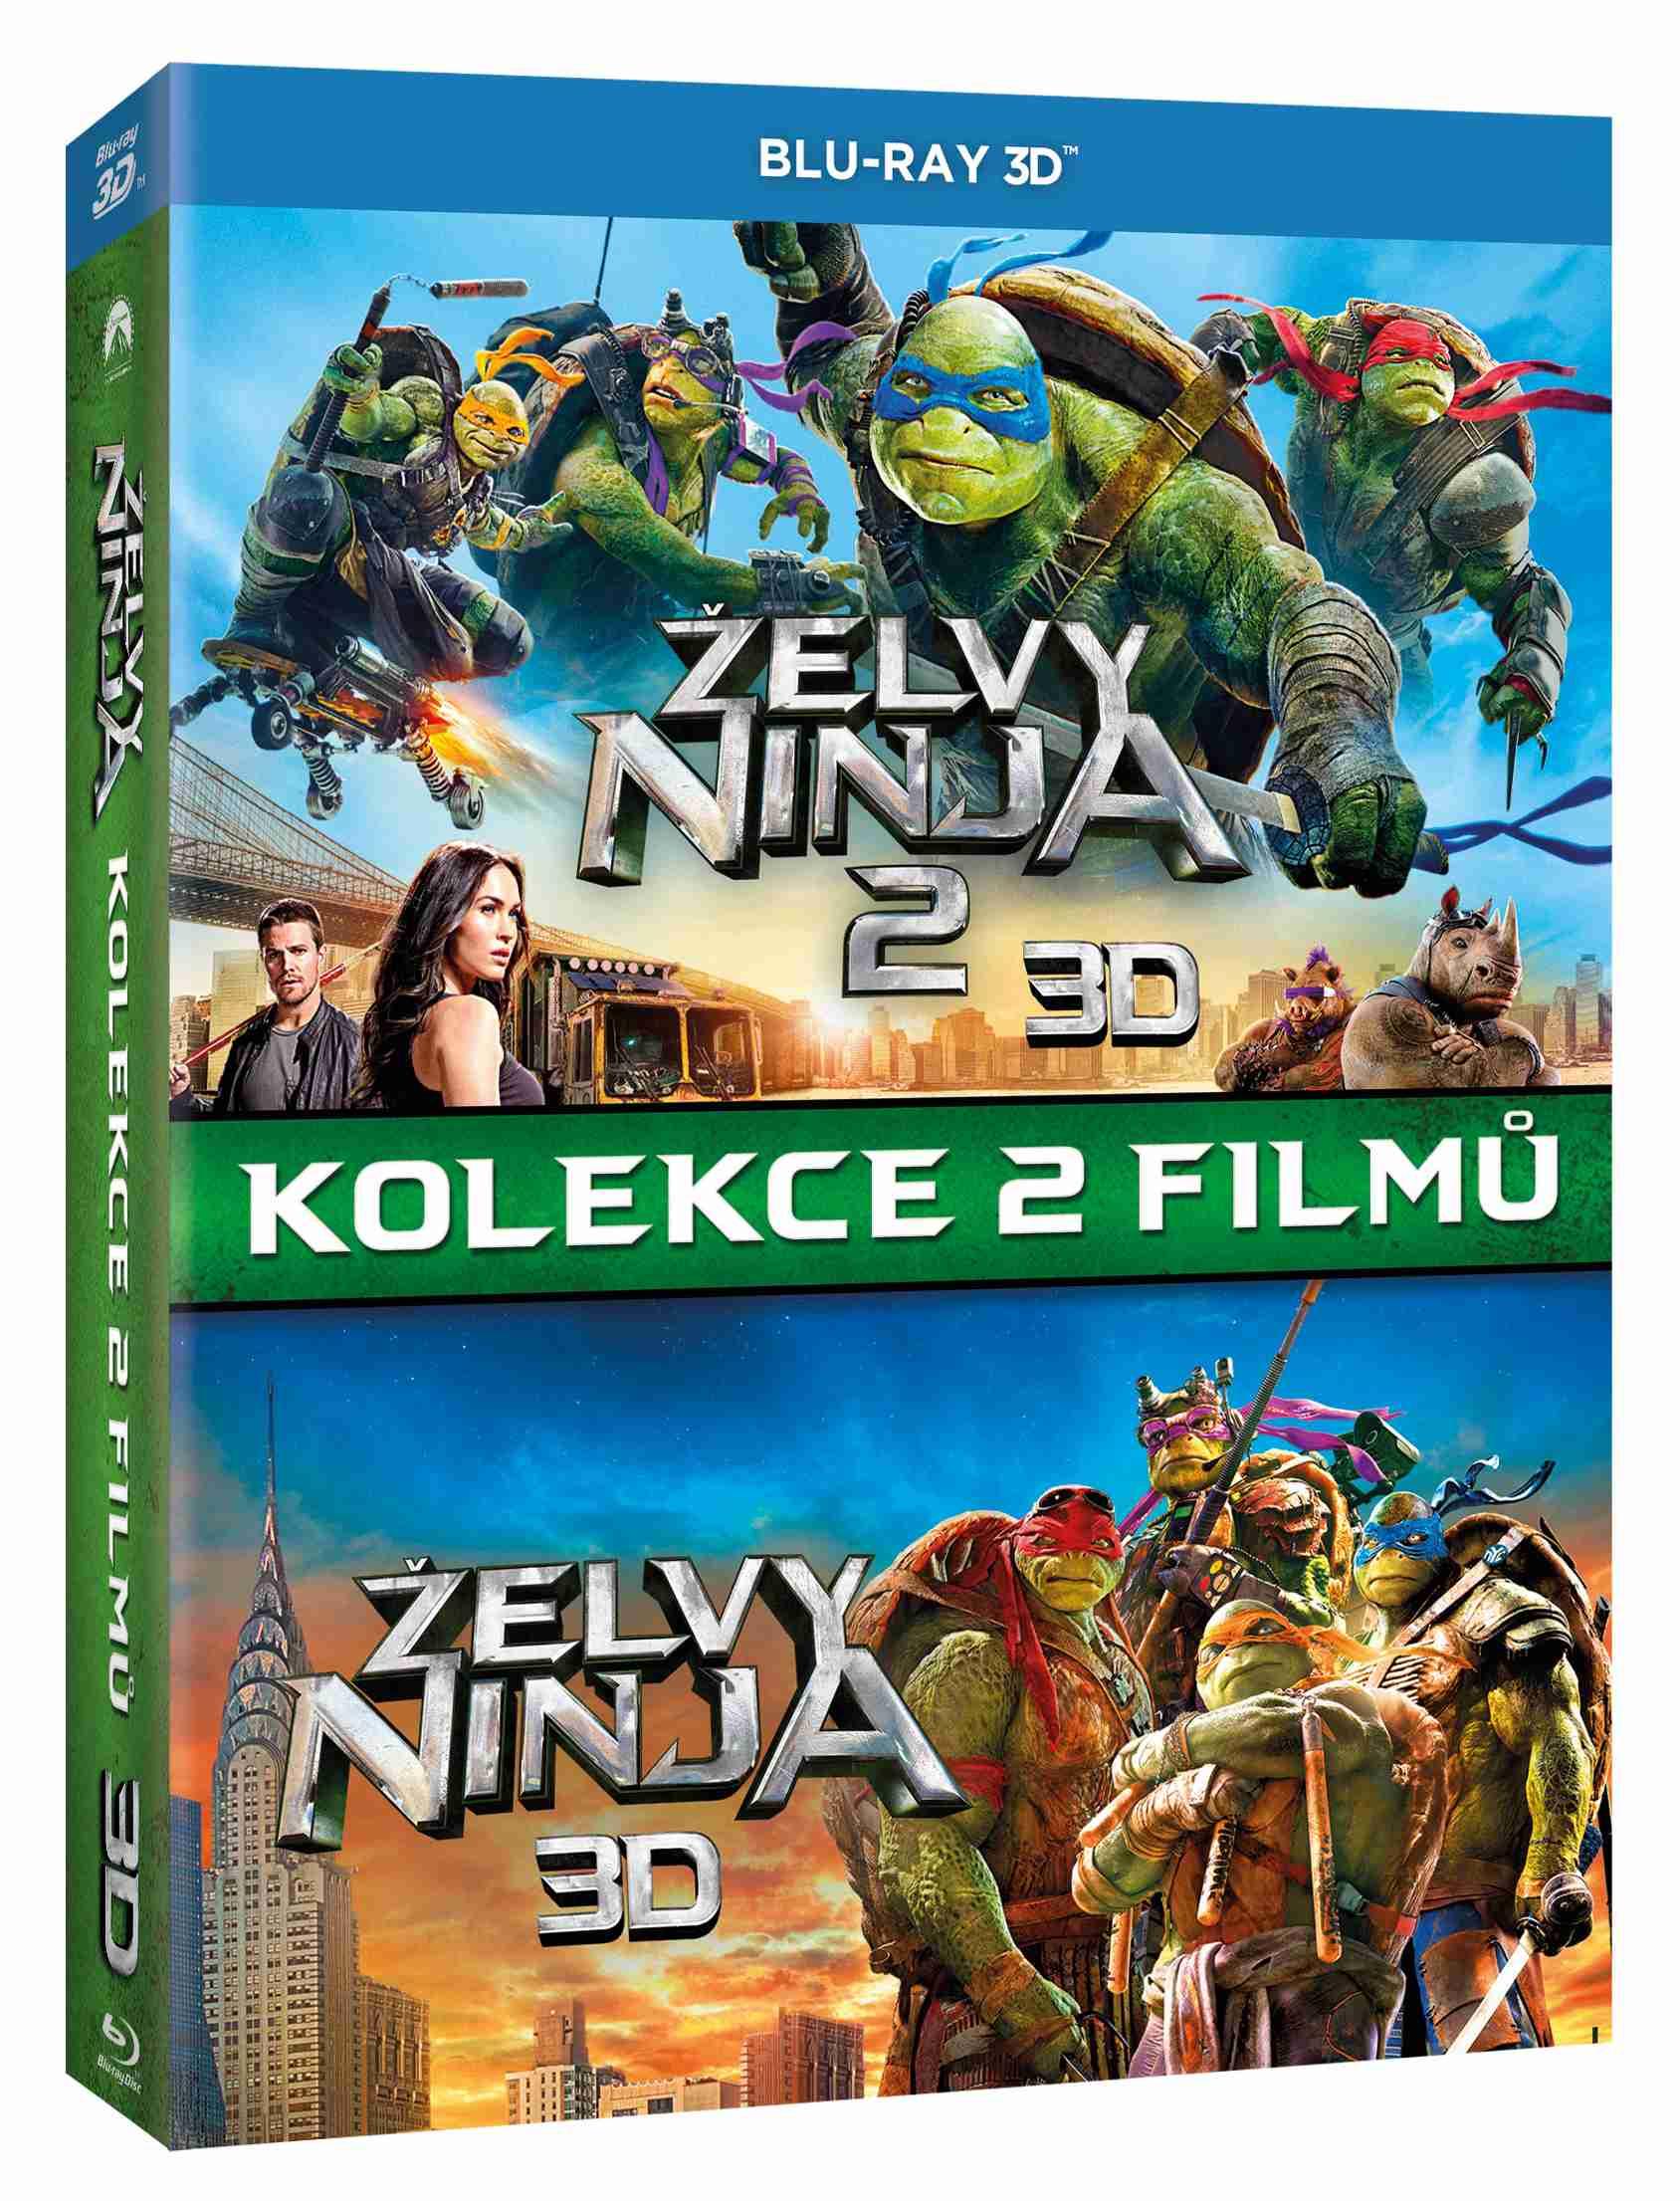 ŽELVY NINJA 1+2 KOLEKCE (3 BD) - Blu-ray 3D + 2D